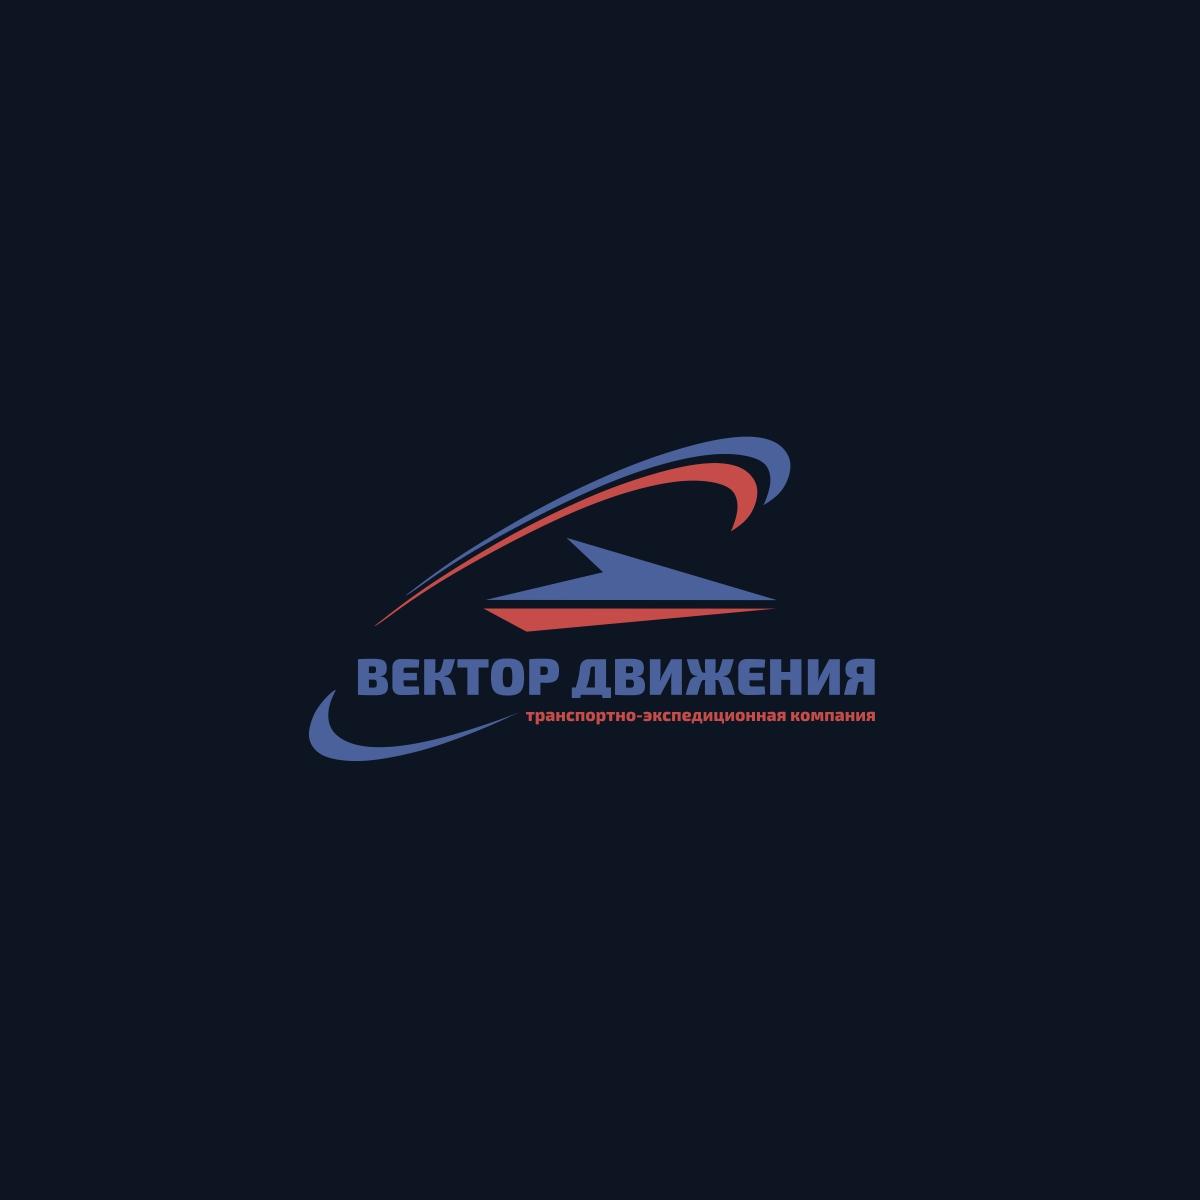 Разработка логотипа фото f_4205c3689f387f82.jpg